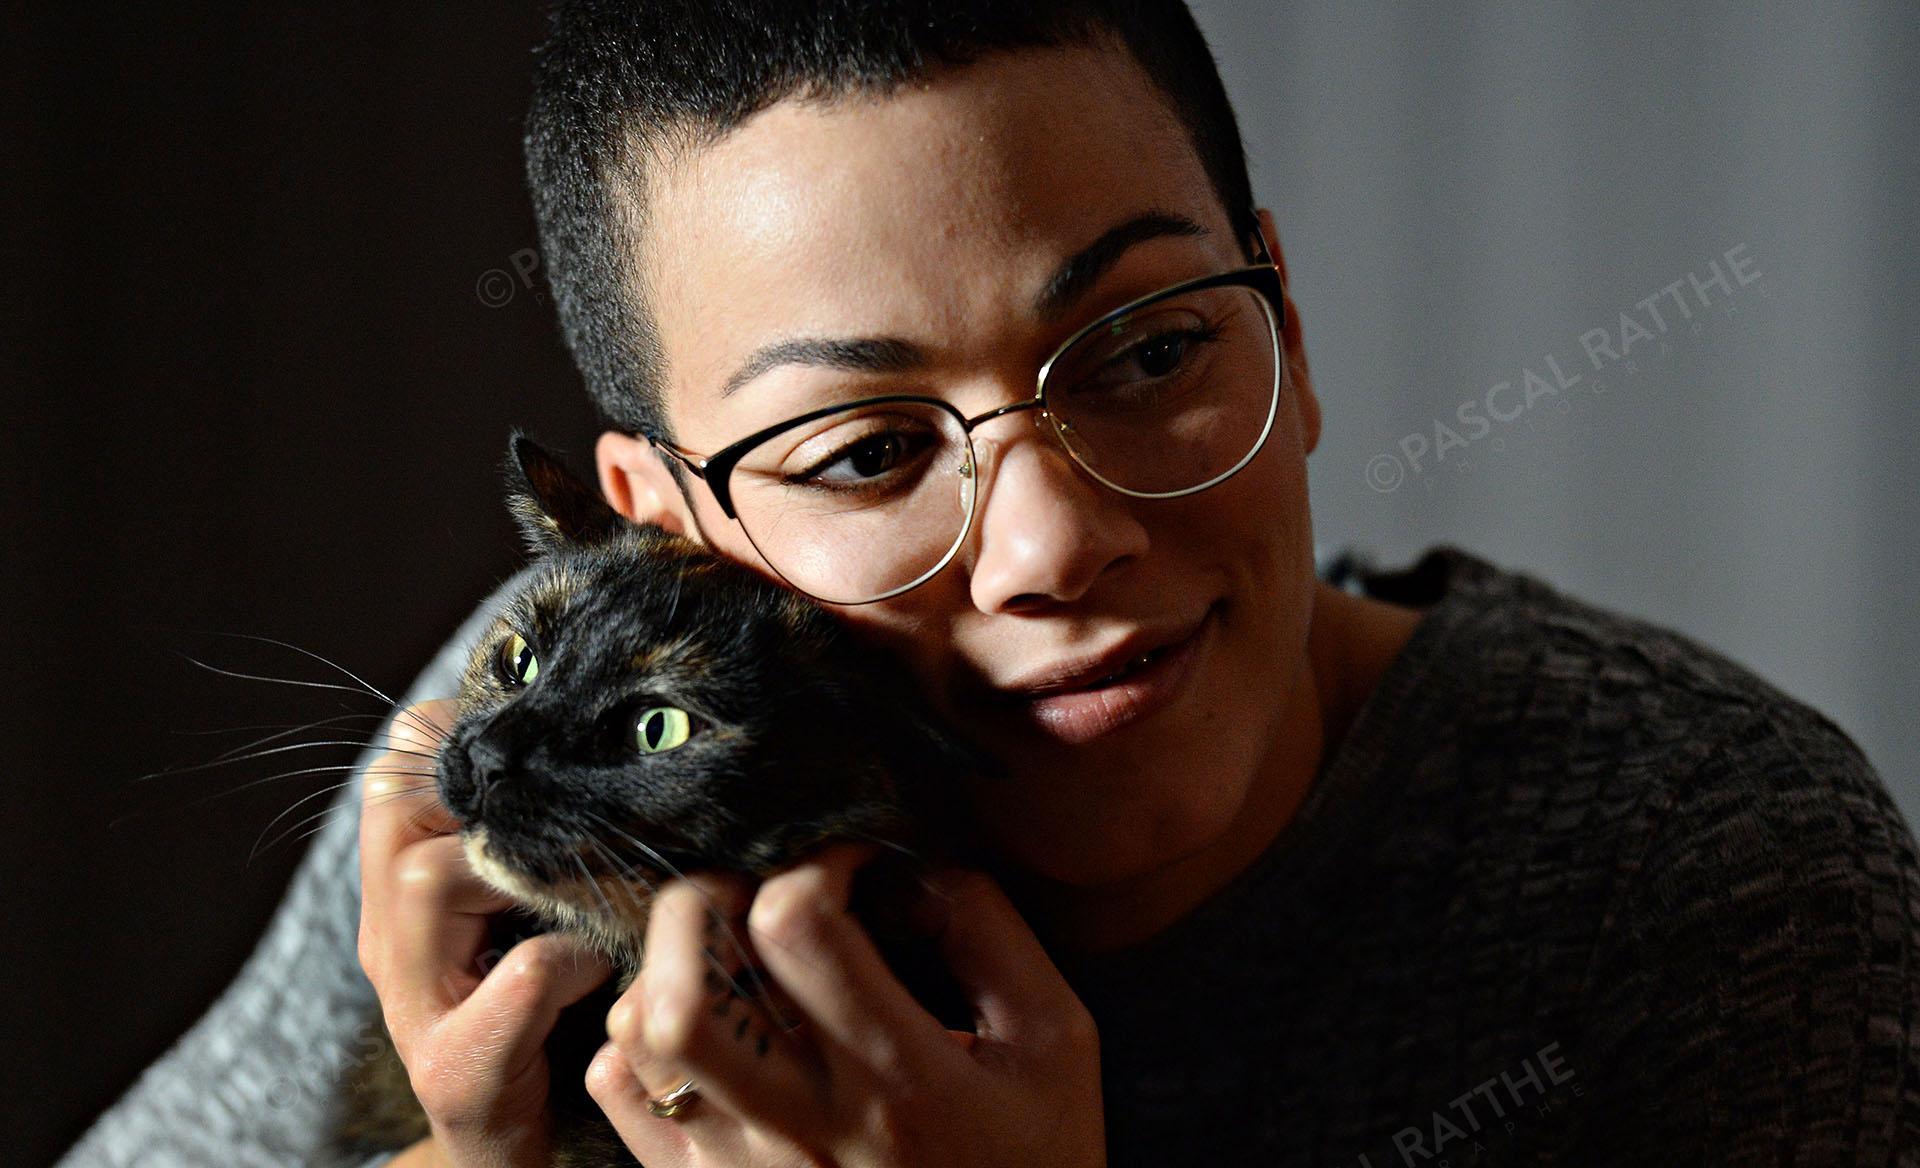 photographie portrait de Karine sergerie championne de taekwondo pour le site de Radio-CANADA avec son chat